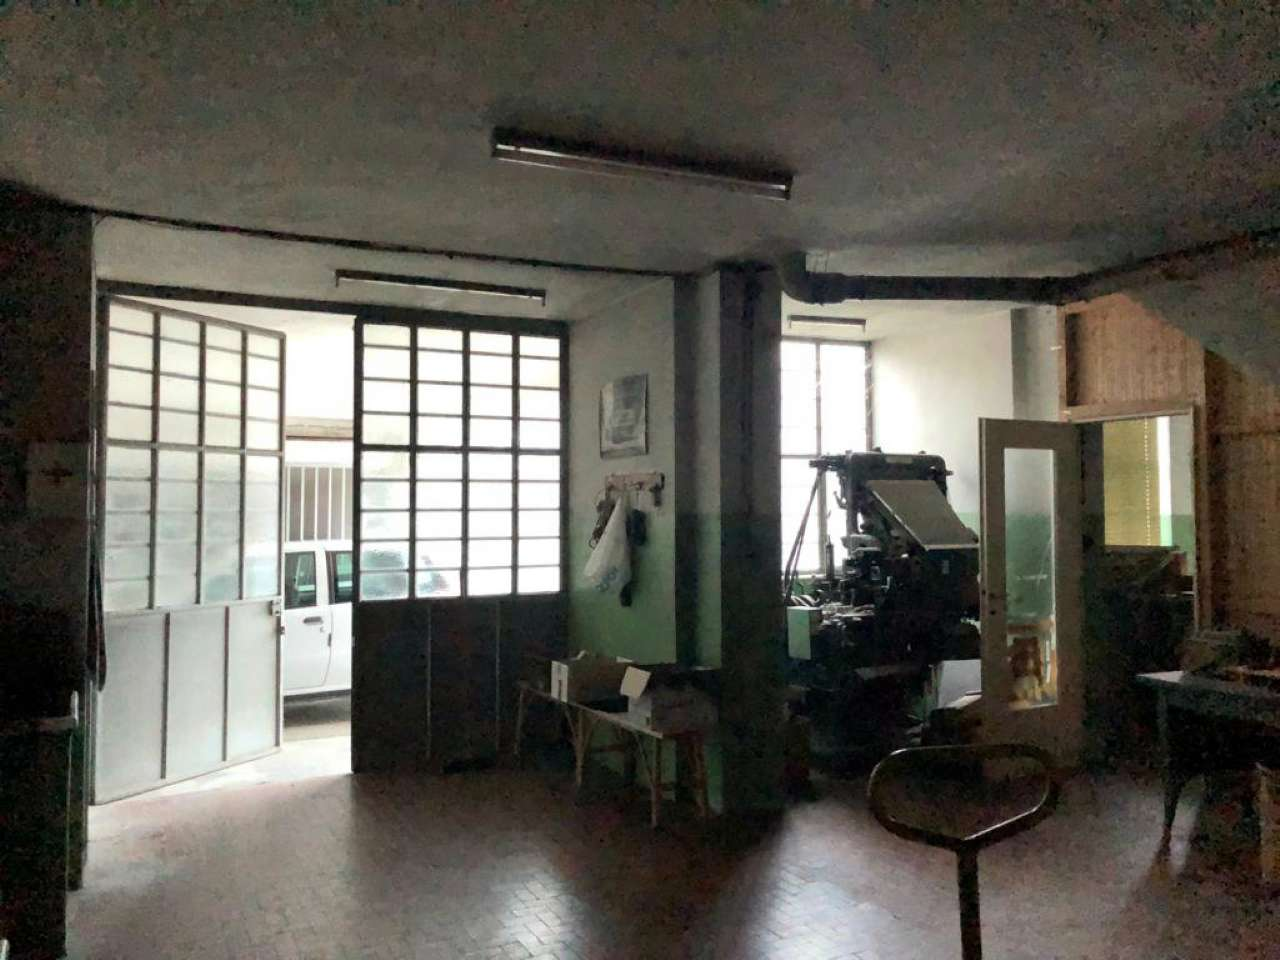 Laboratorio in vendita a Castelnuovo Don Bosco, 4 locali, prezzo € 88.000 | PortaleAgenzieImmobiliari.it